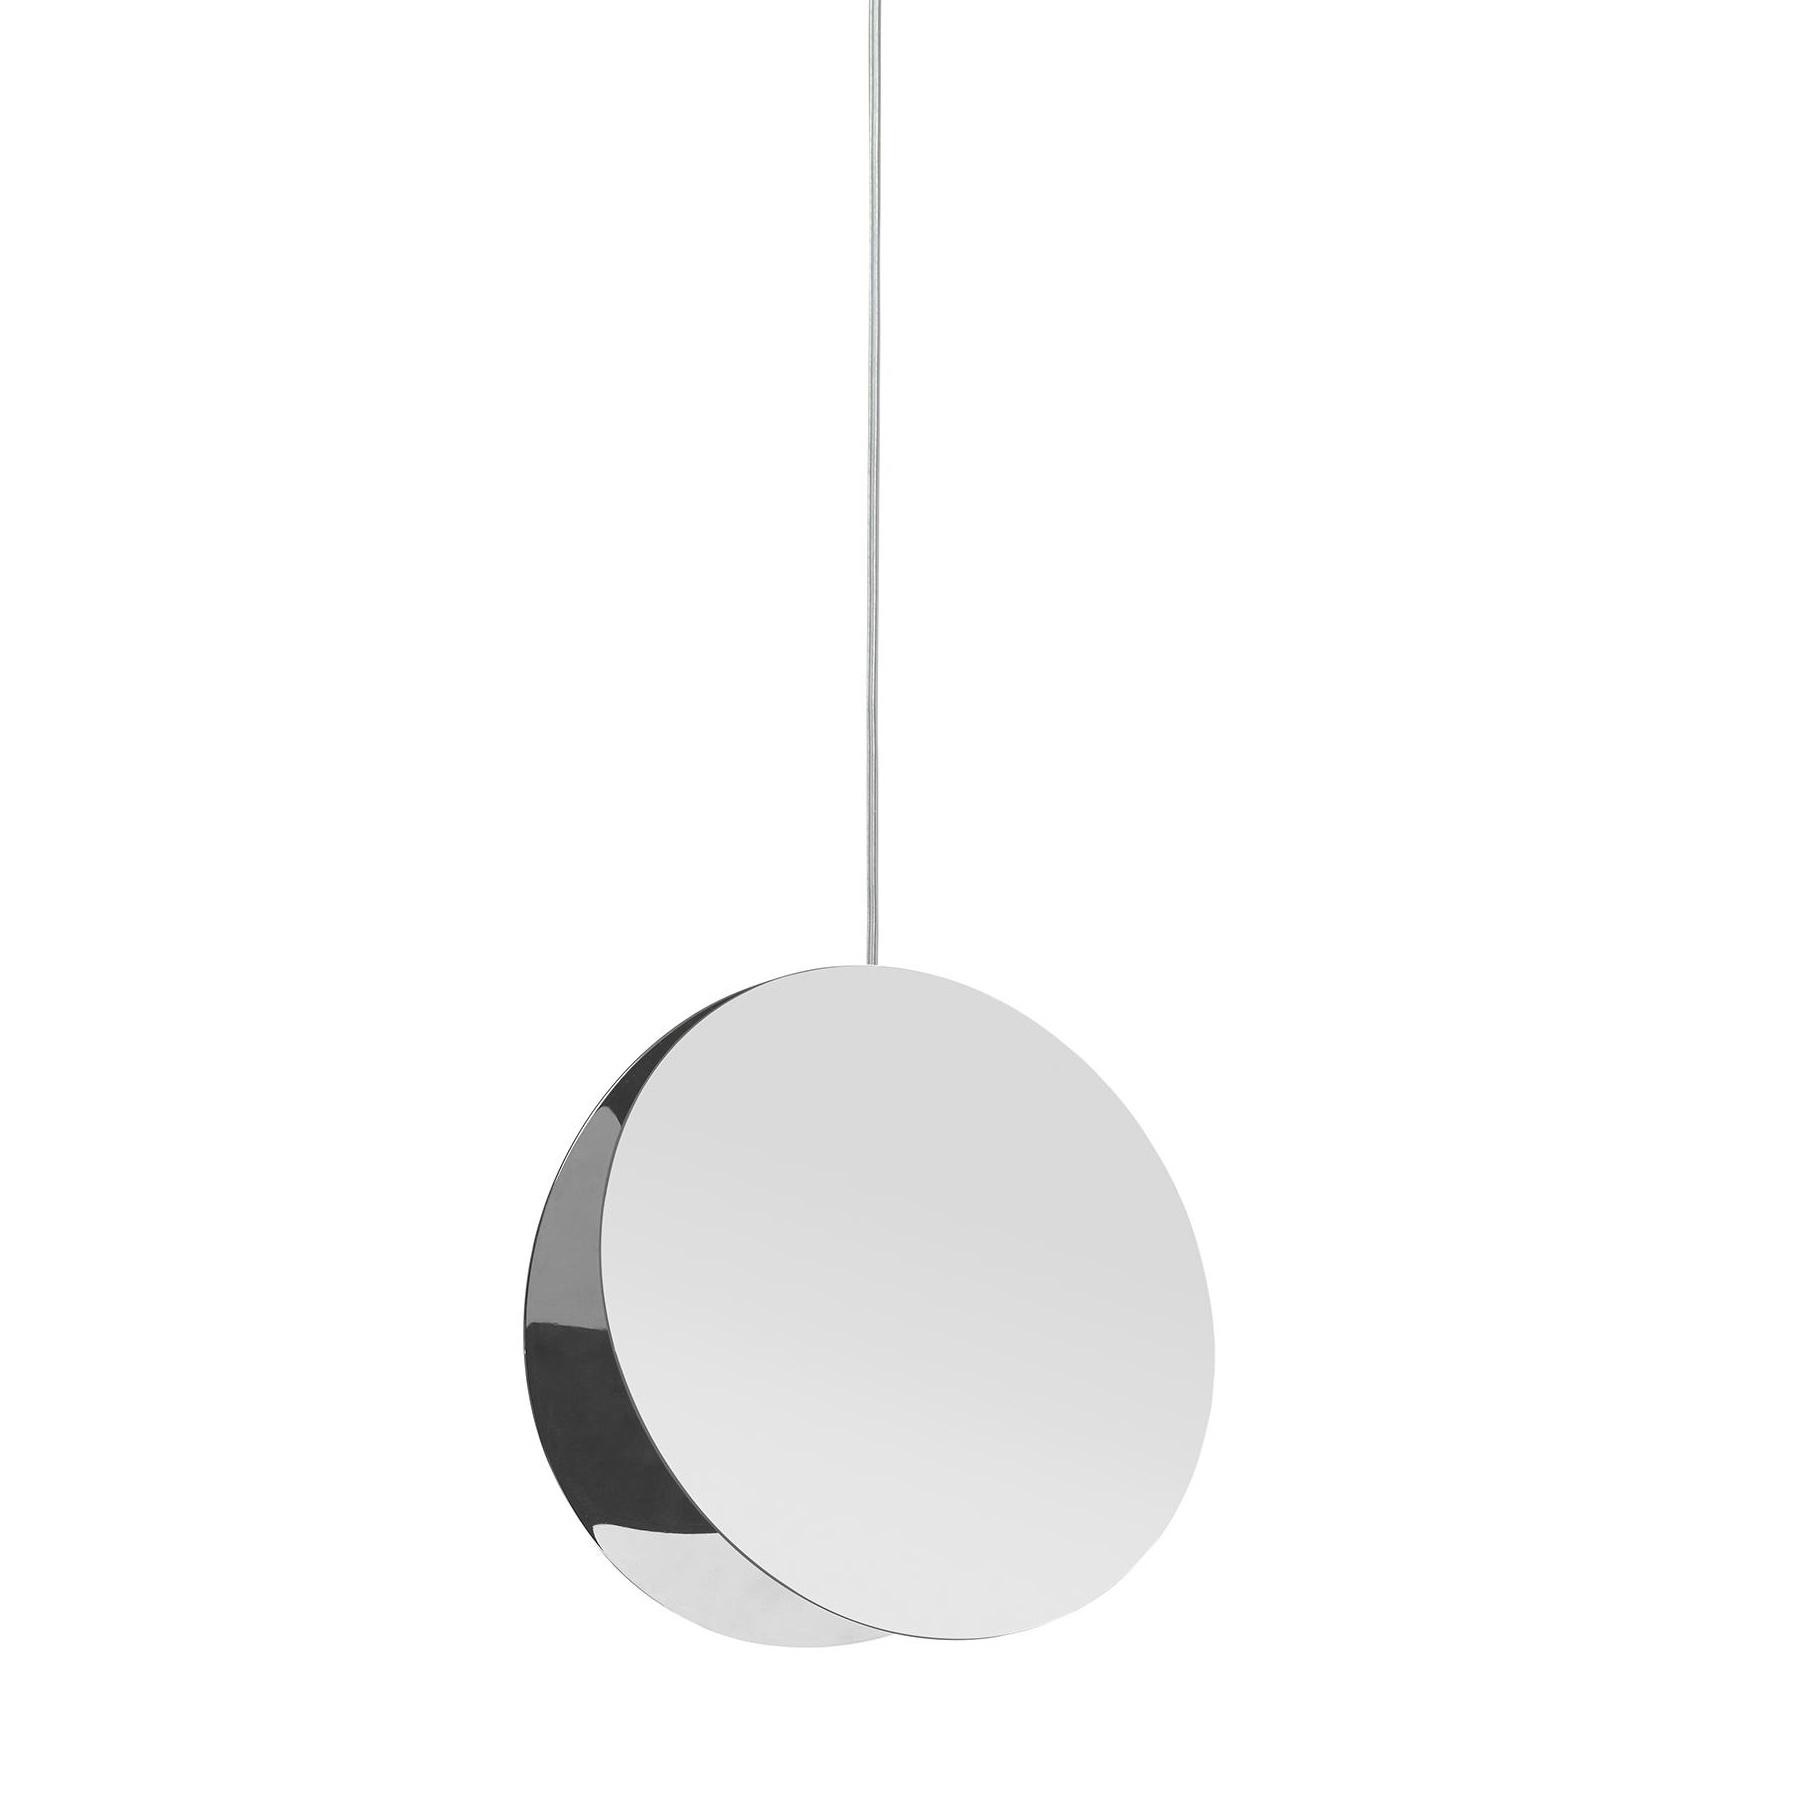 e15 LT05 North - LED Suspension - nickel/poli/Ø33cm/2700K/230lm